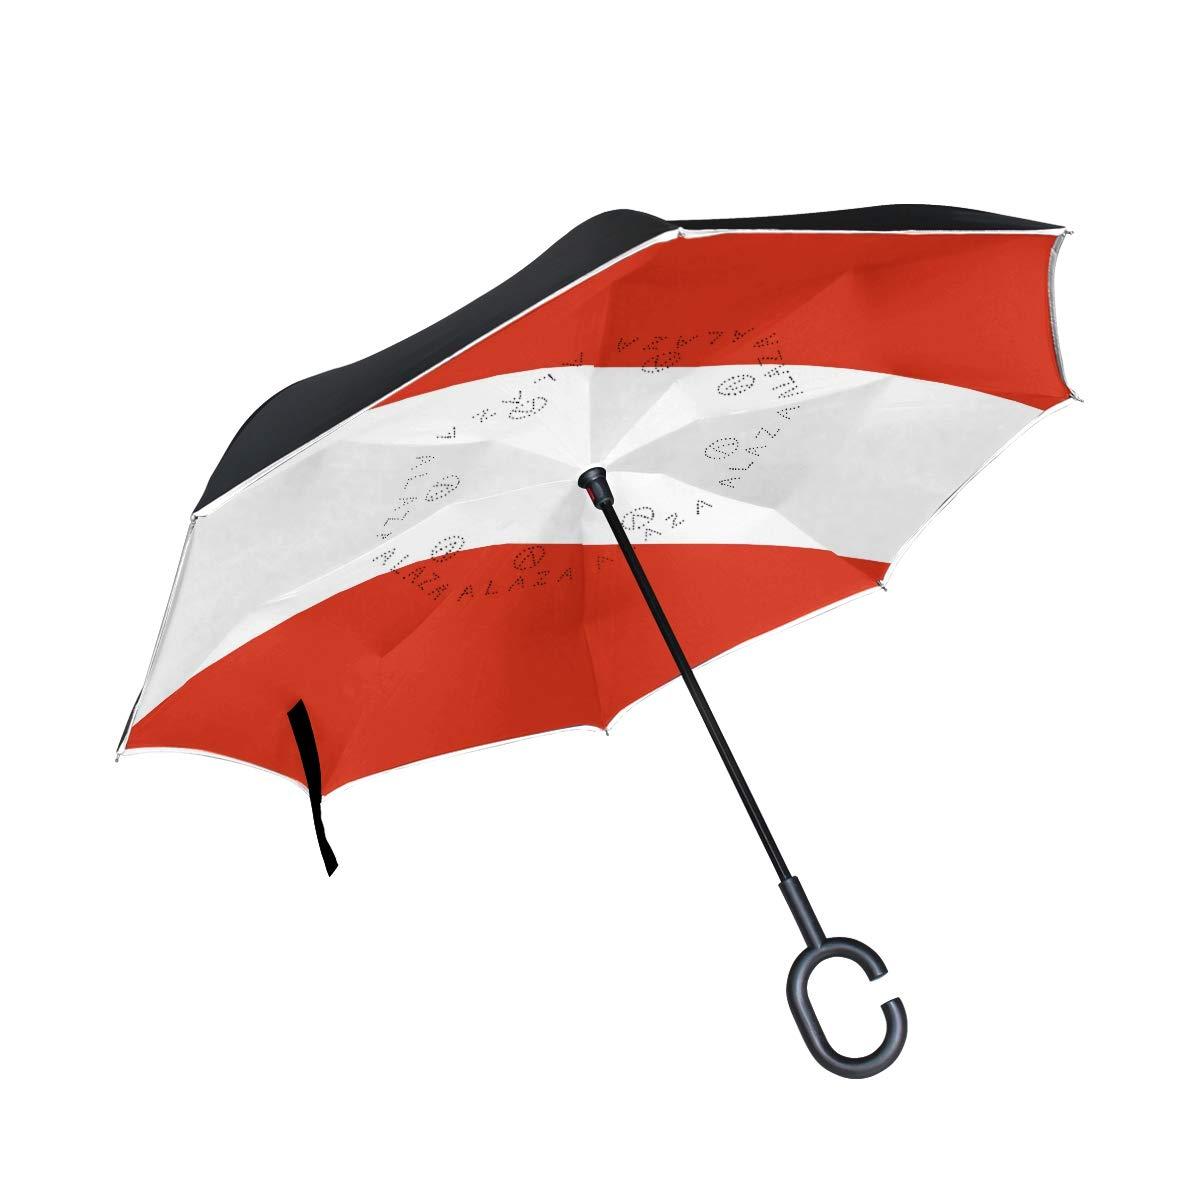 Chinein ダブルレイヤー 反転傘 逆折りたたみ傘 防風 UV保護 車 オーストリア国旗用   B07G9JZDML